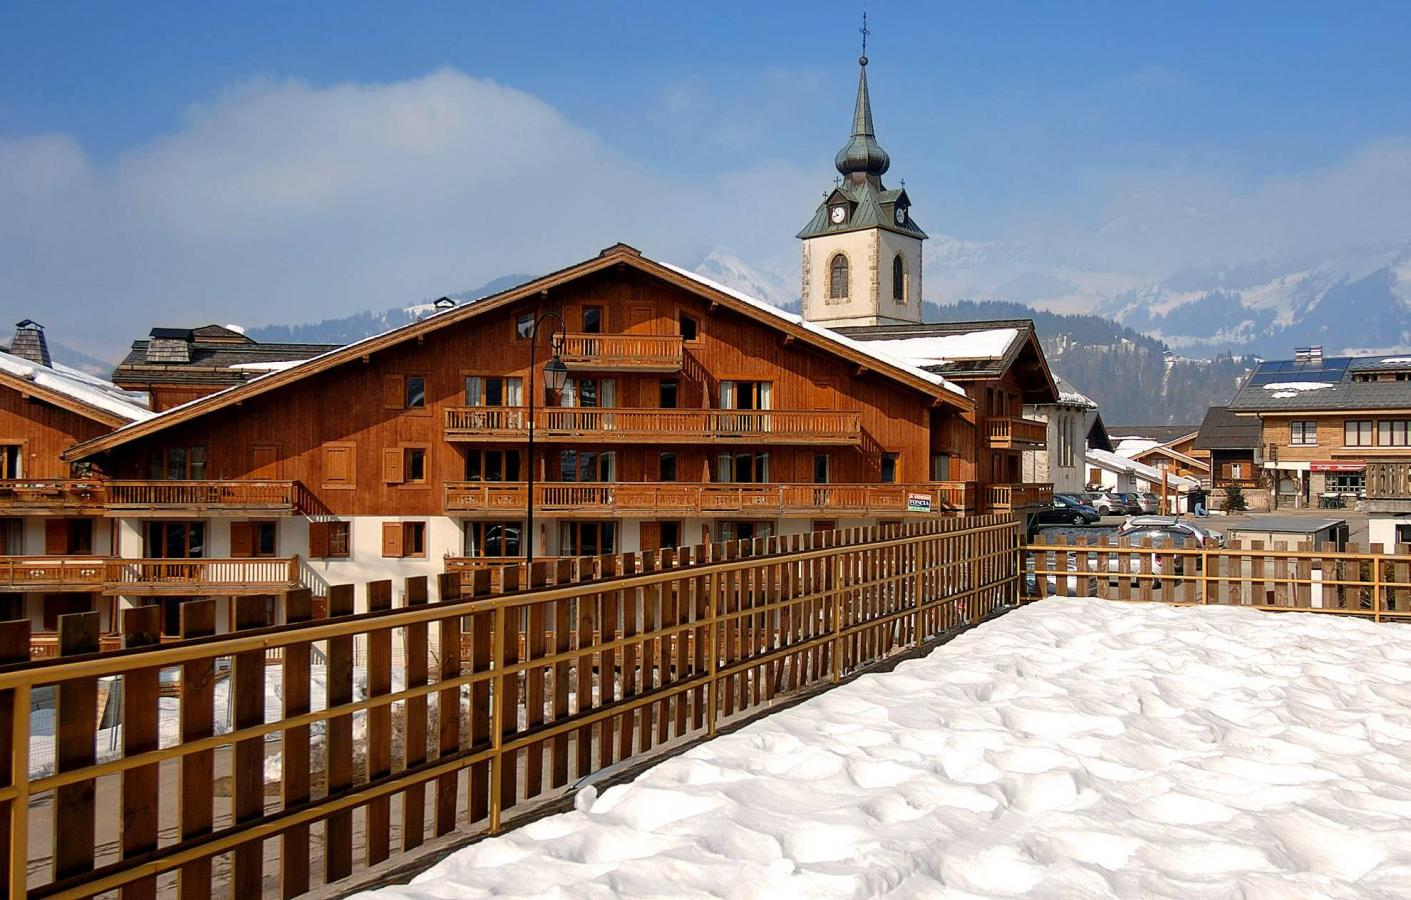 Station de ski notre dame de bellecombe alpes du nord - Office tourisme notre dame de bellecombe ...